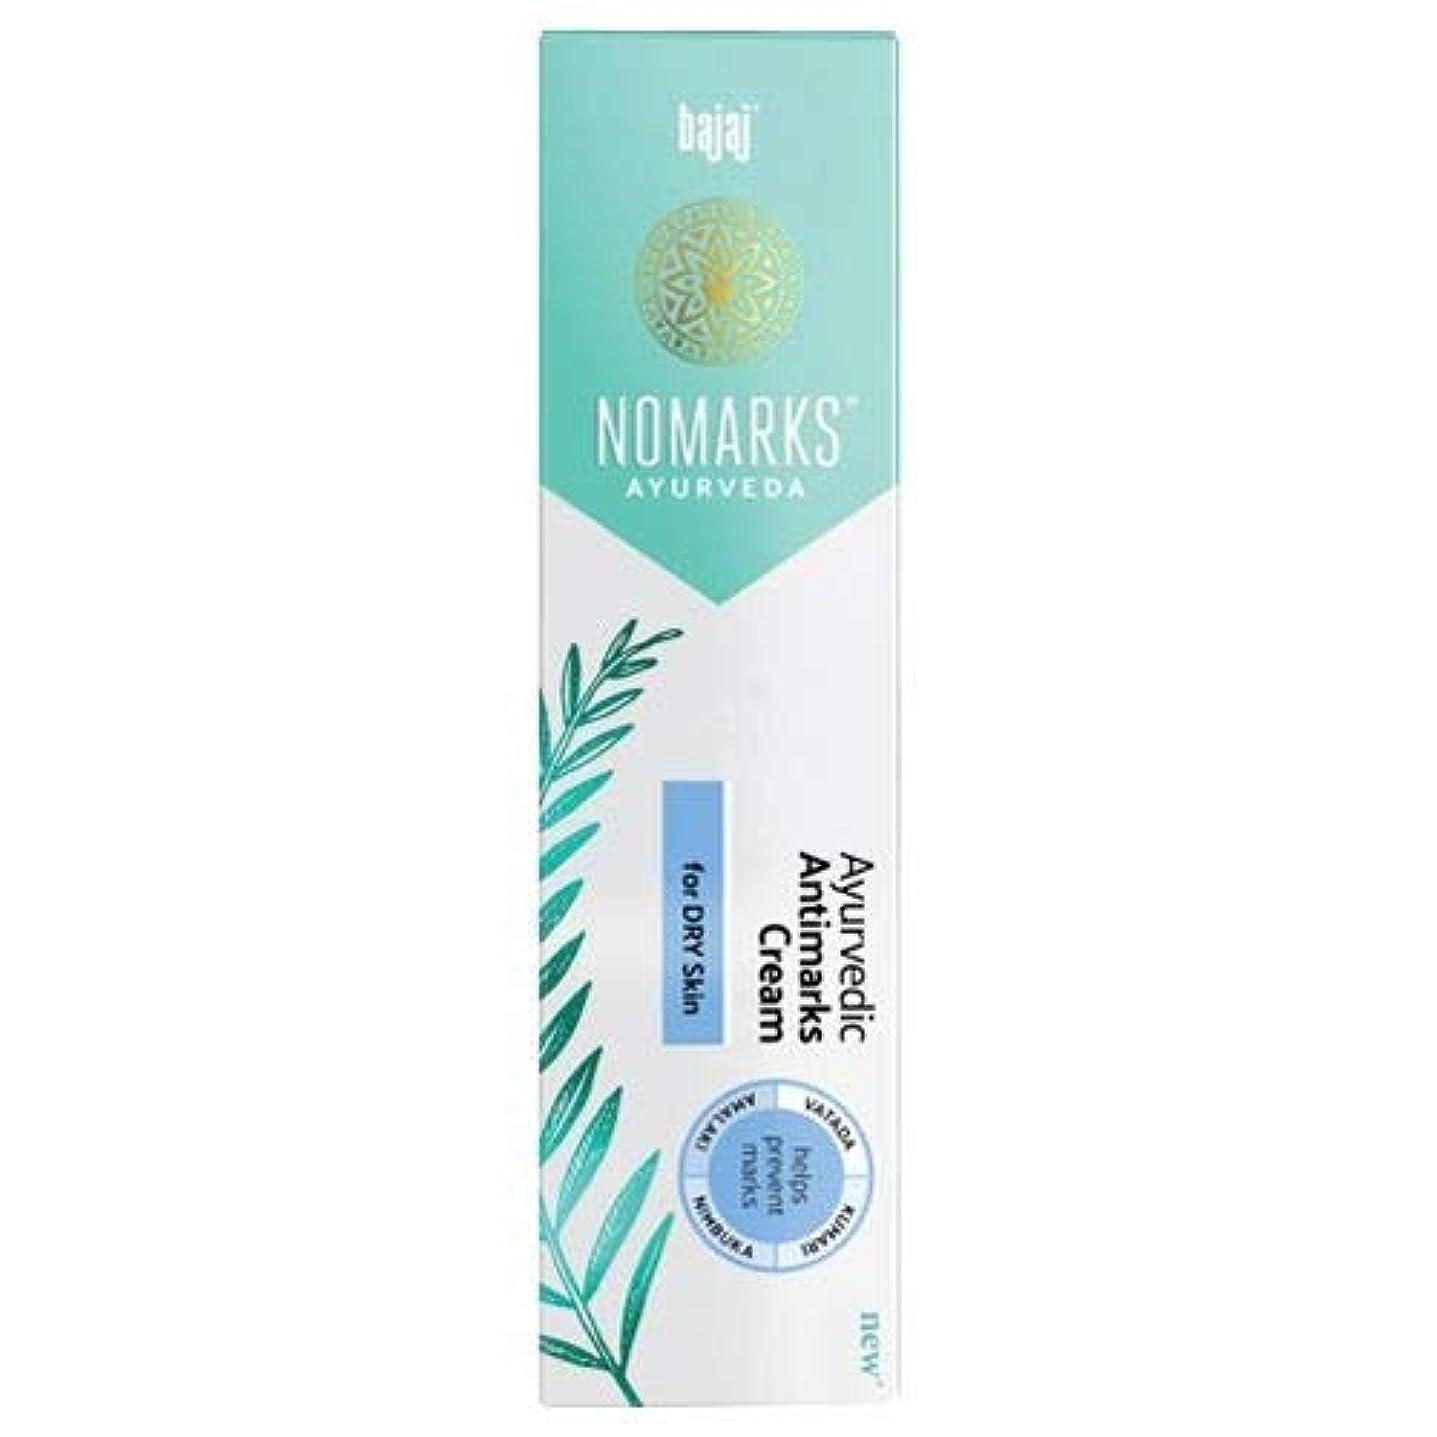 現像日食正当化するBajaj NOMARKS (For Dry Skin) for Blemish-free Glowing fairness with Aloe, Emblica & Almond Oil (25gアロエ、エンブリカ&アーモンドオイル( 25グラムとブレミッシュフリーグローイング公平性(ドライスキン)バジャジのNOMARKS